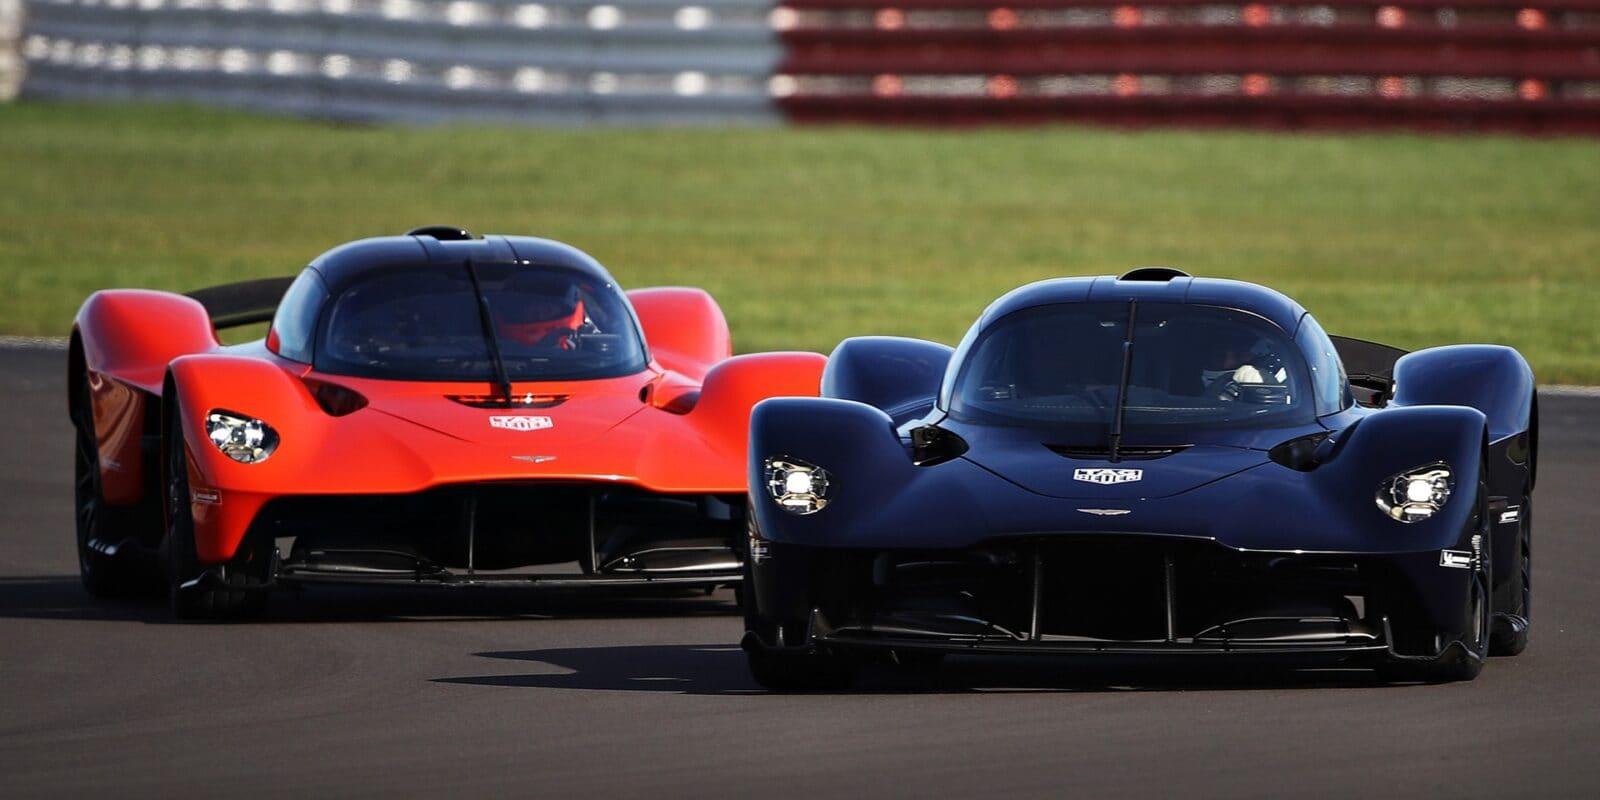 Aston Martin své Valkyrii přestřihl křídla, do Le Mans nenastoupí